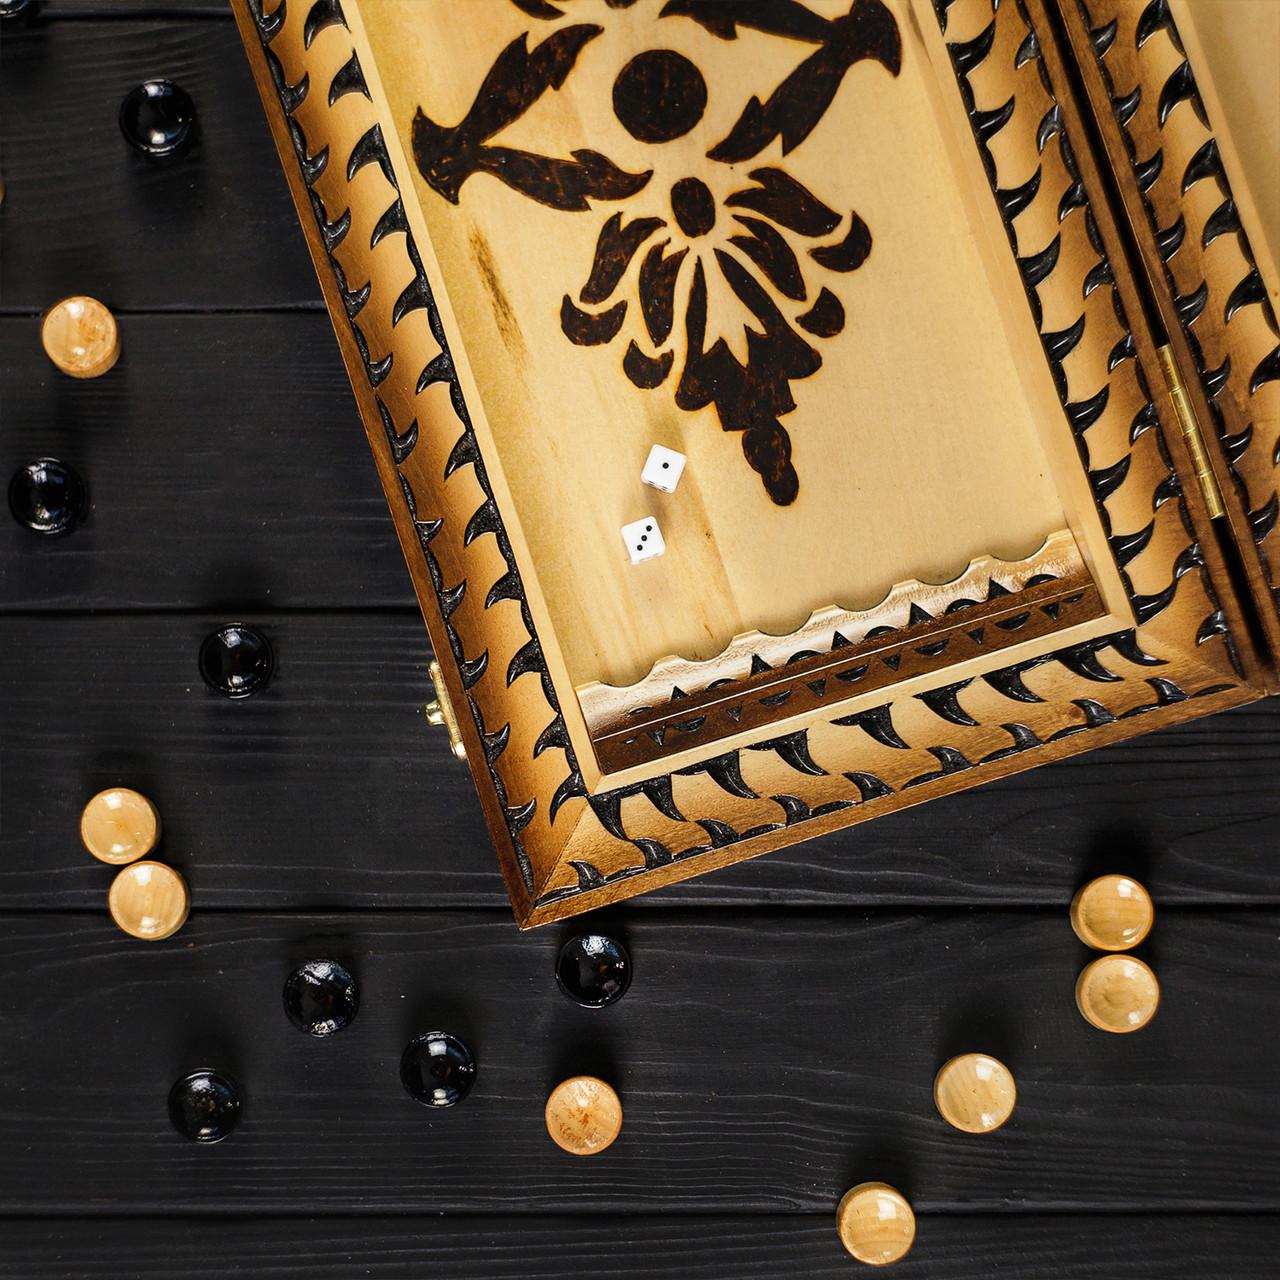 Нарды из дерева ручной работы, красивый подарок, фото 6